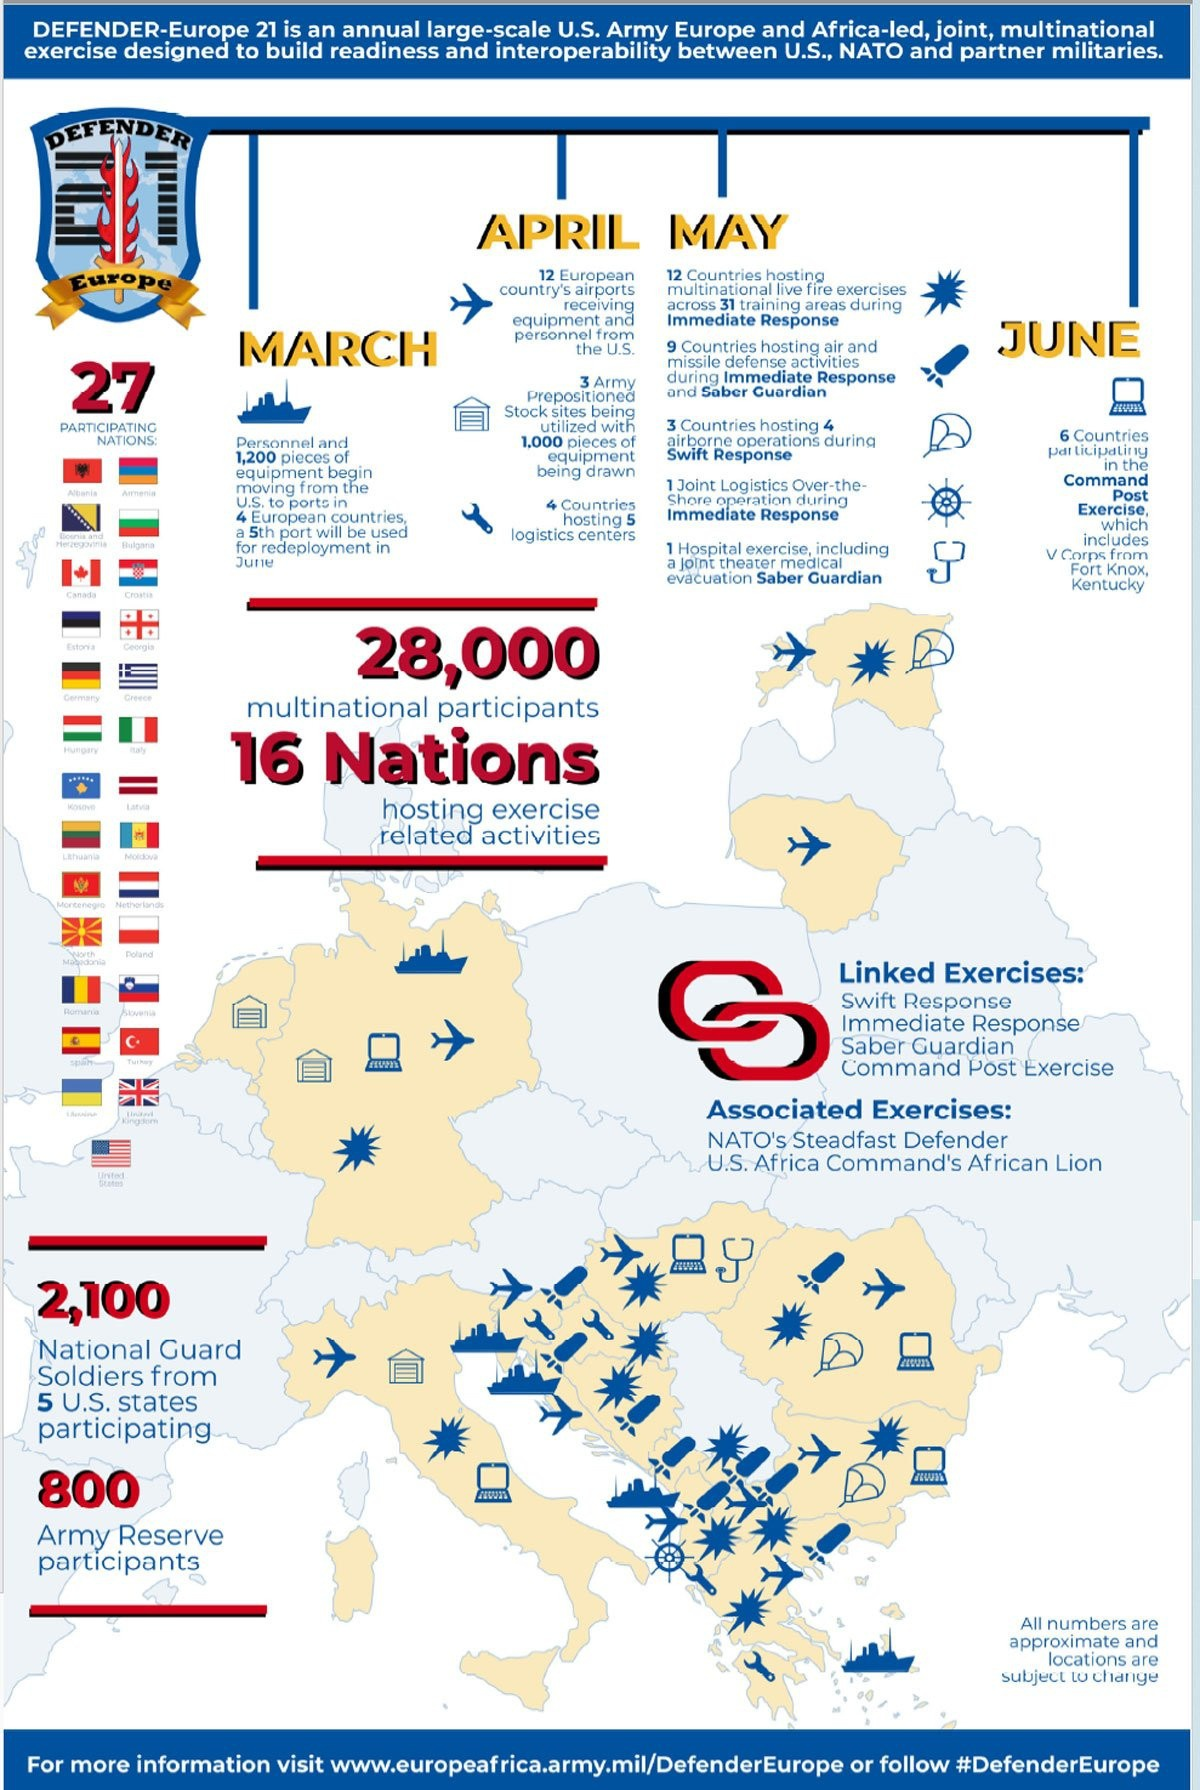 Натовские учения Defender Europe 21 по количеству привлекаемых сил станут самыми масштабными в Европе за три последних десятилетия.